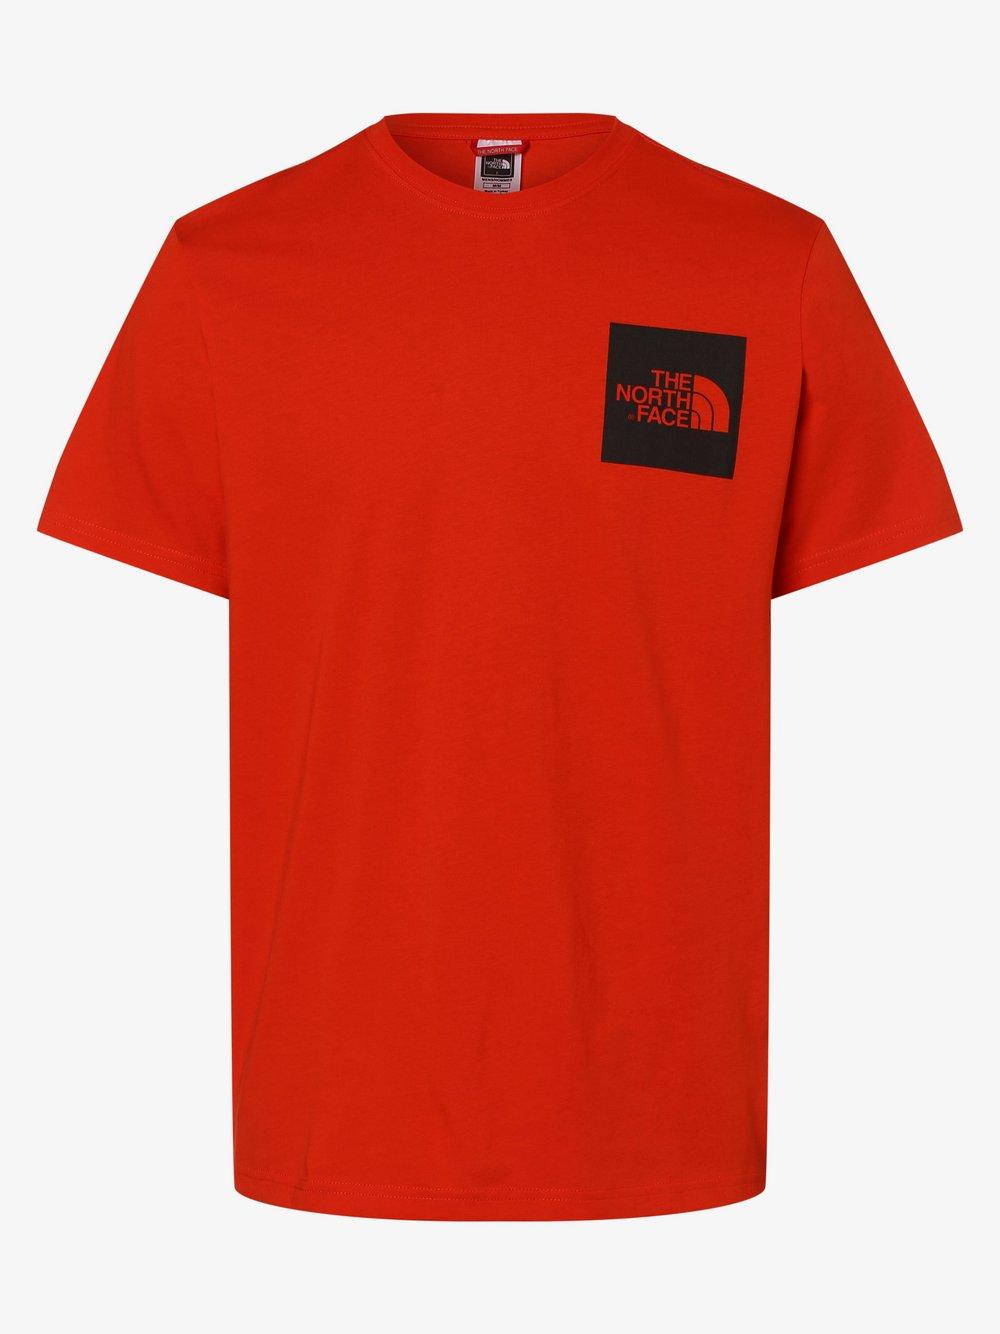 The North Face - T-shirt męski, czerwony